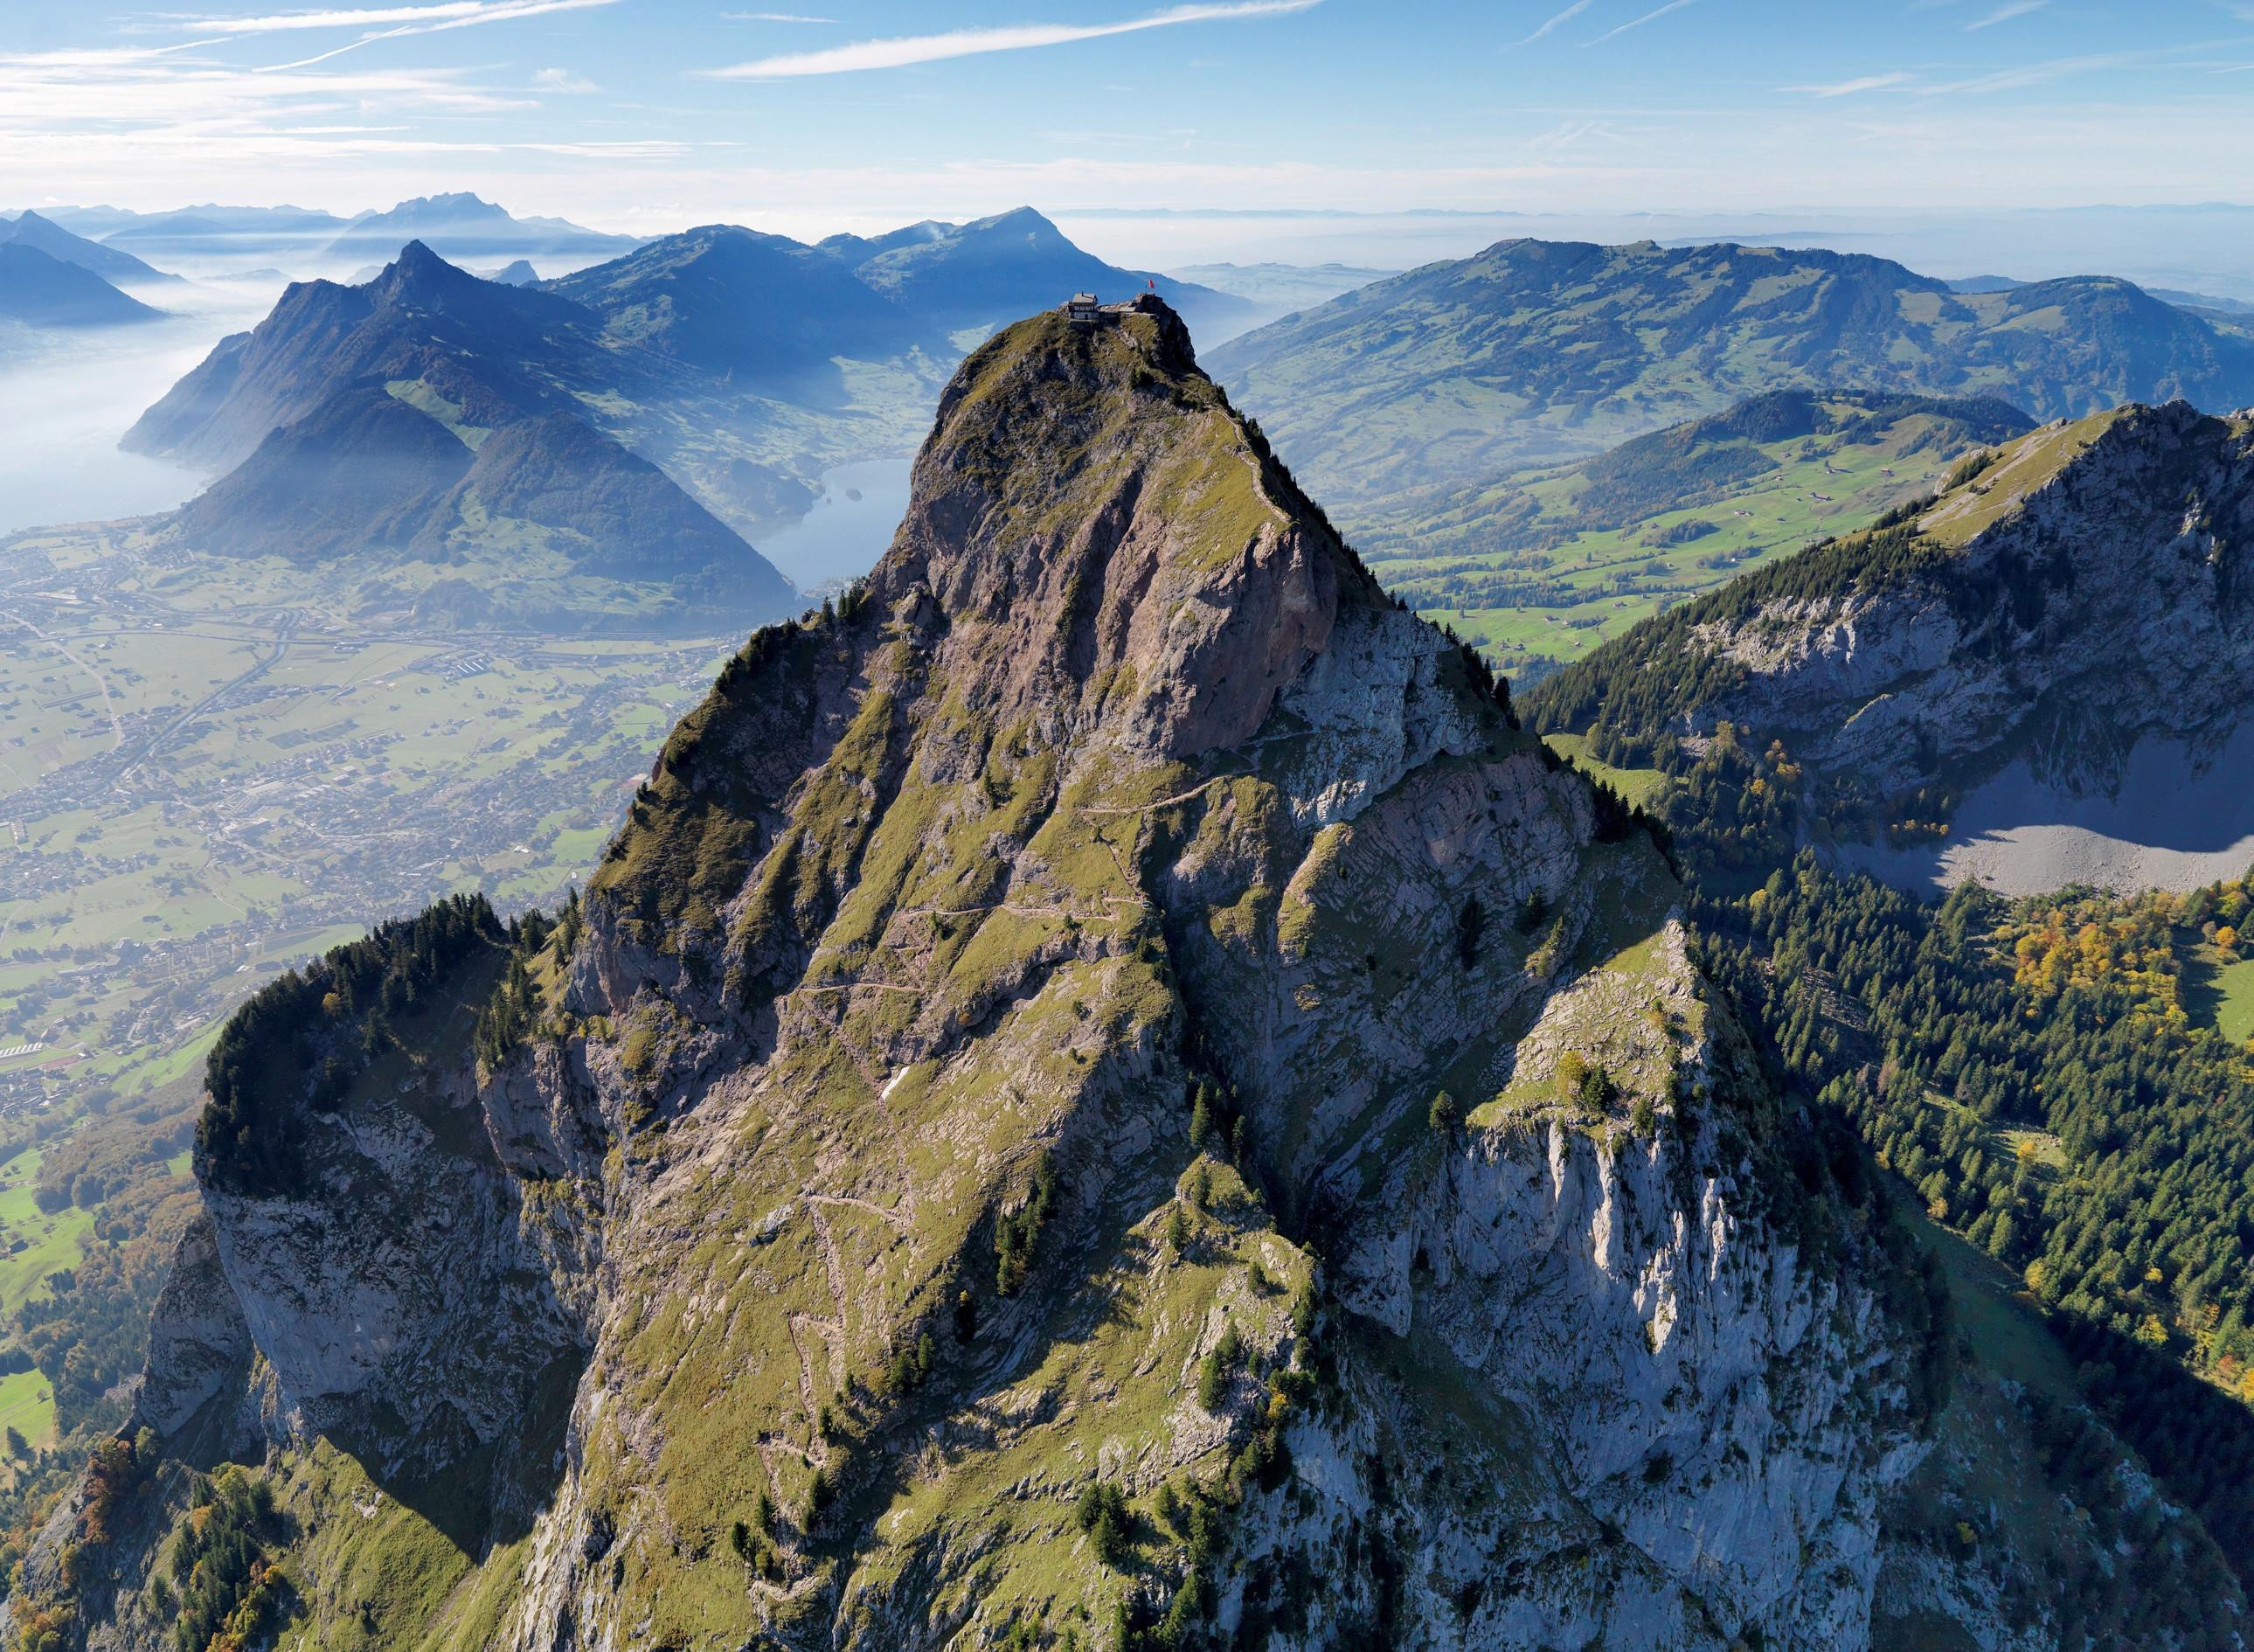 Montagne Grand Mythen Canton Schwytz